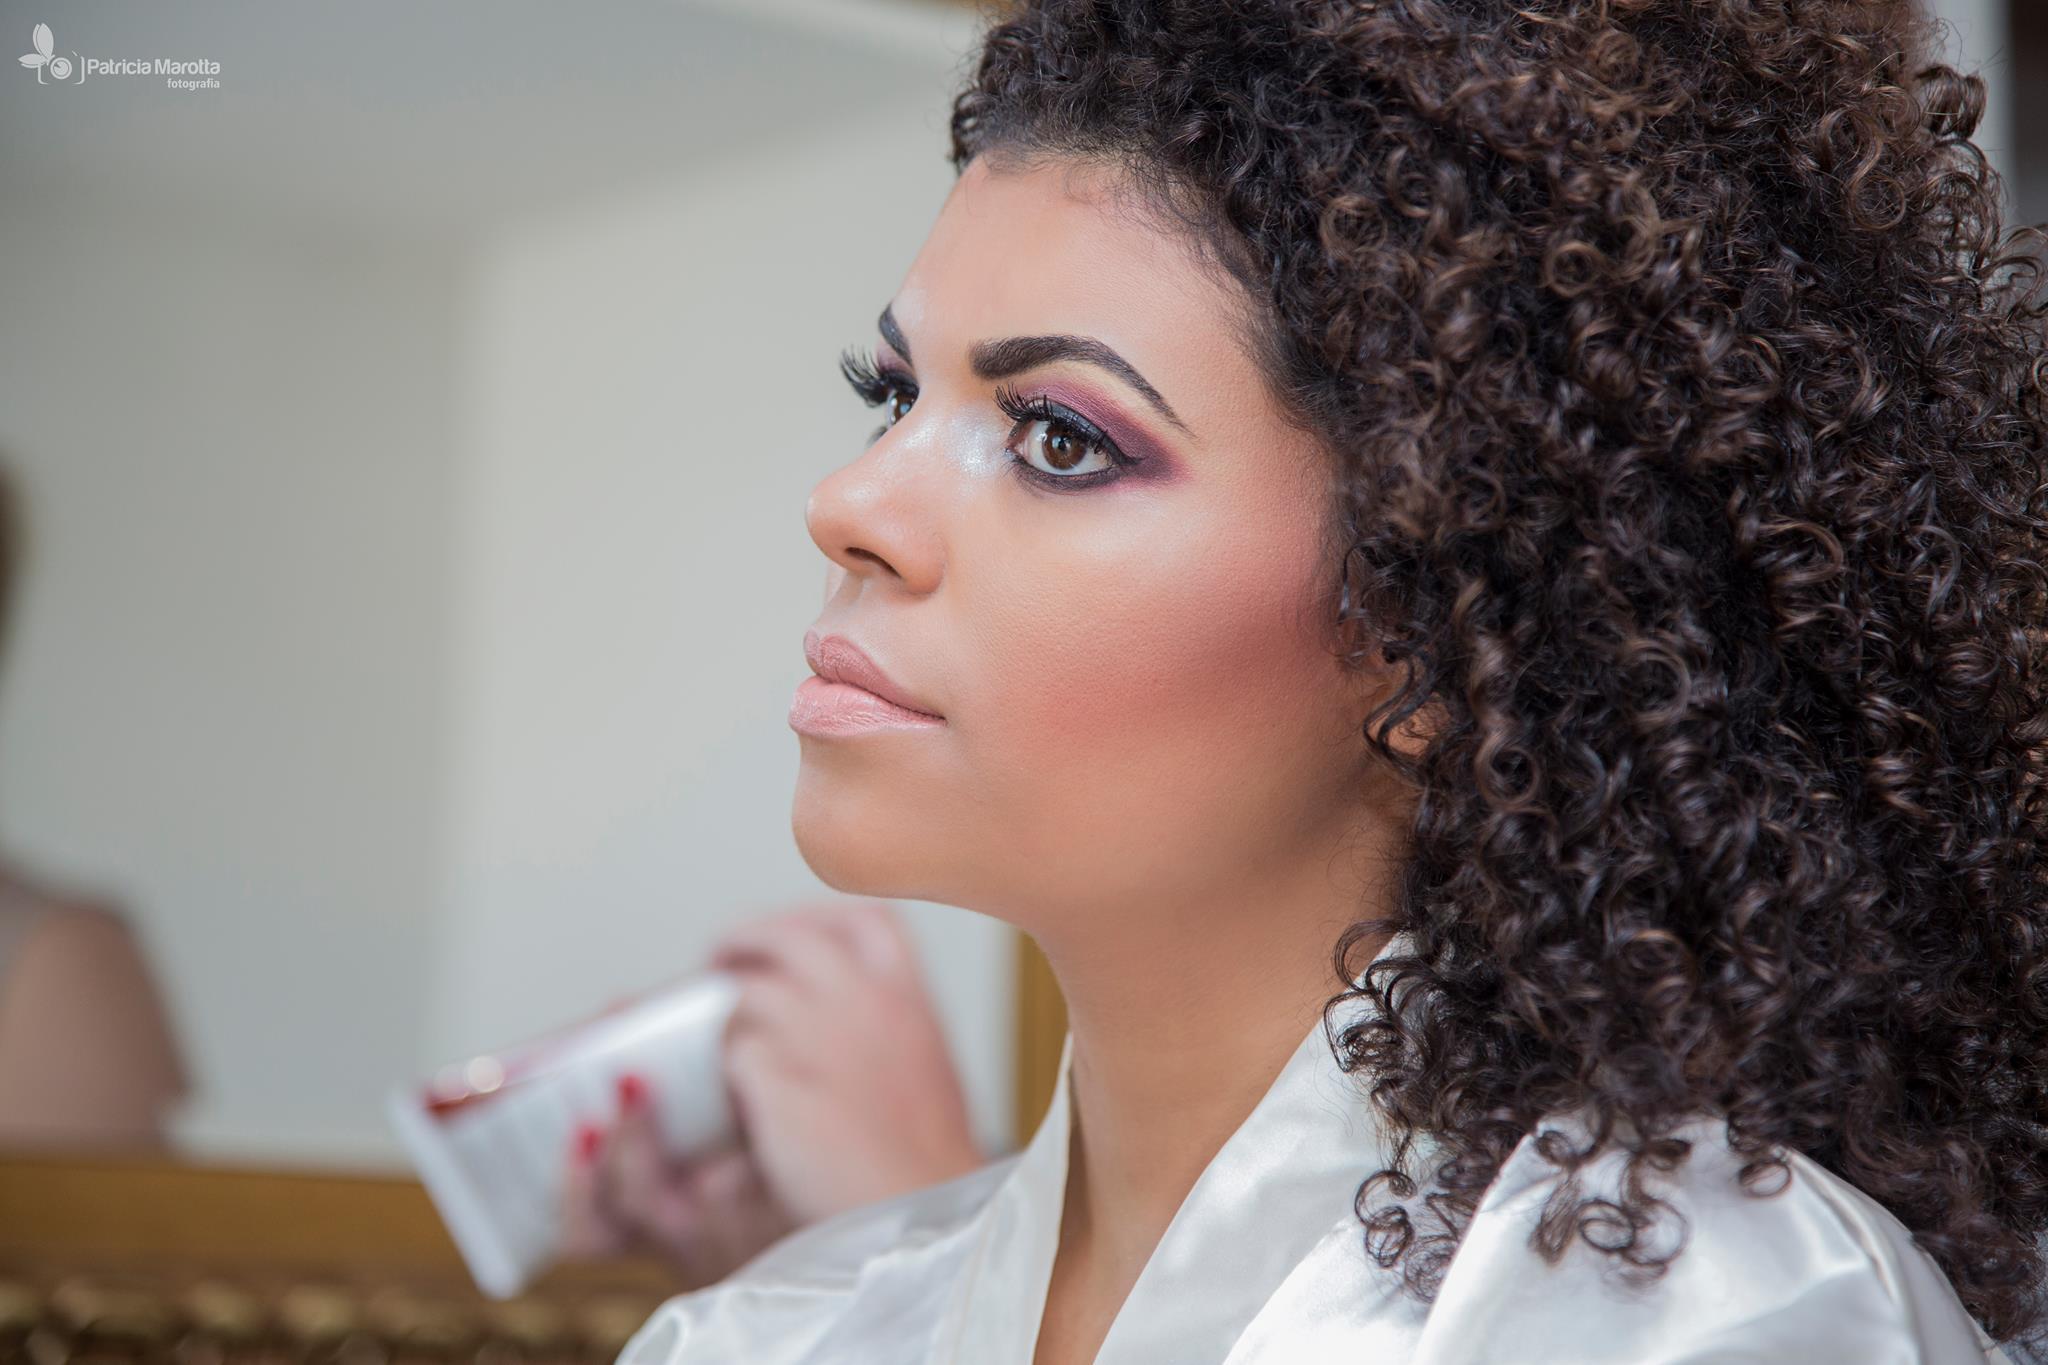 Make noiva maquiagem maquiador(a) designer de sobrancelhas visagista cabeleireiro(a)